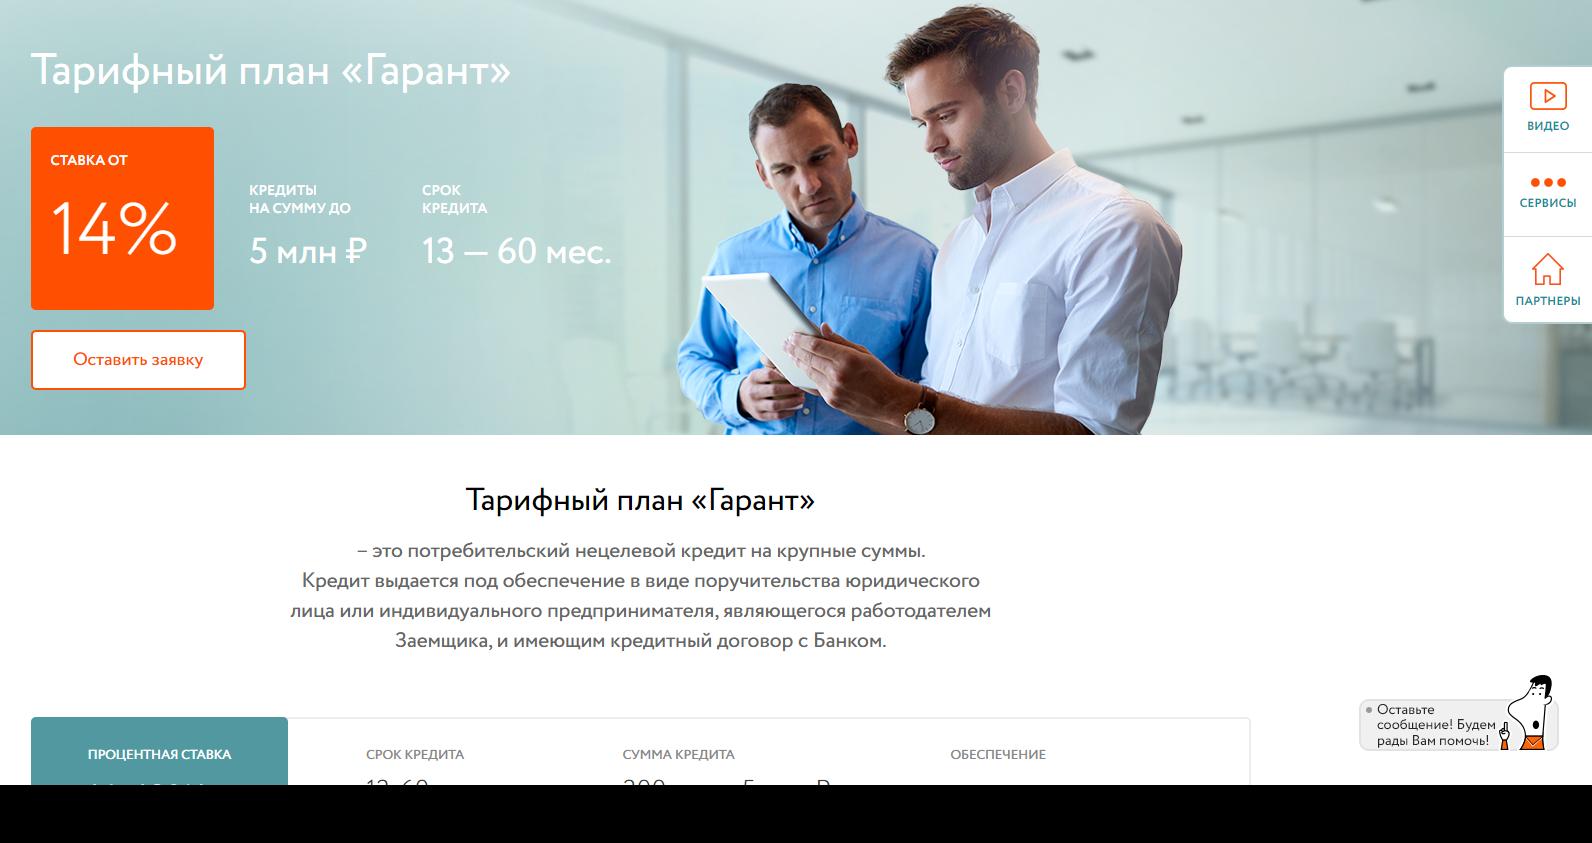 aziatsko-tixookeanskij-bank-kredit_5